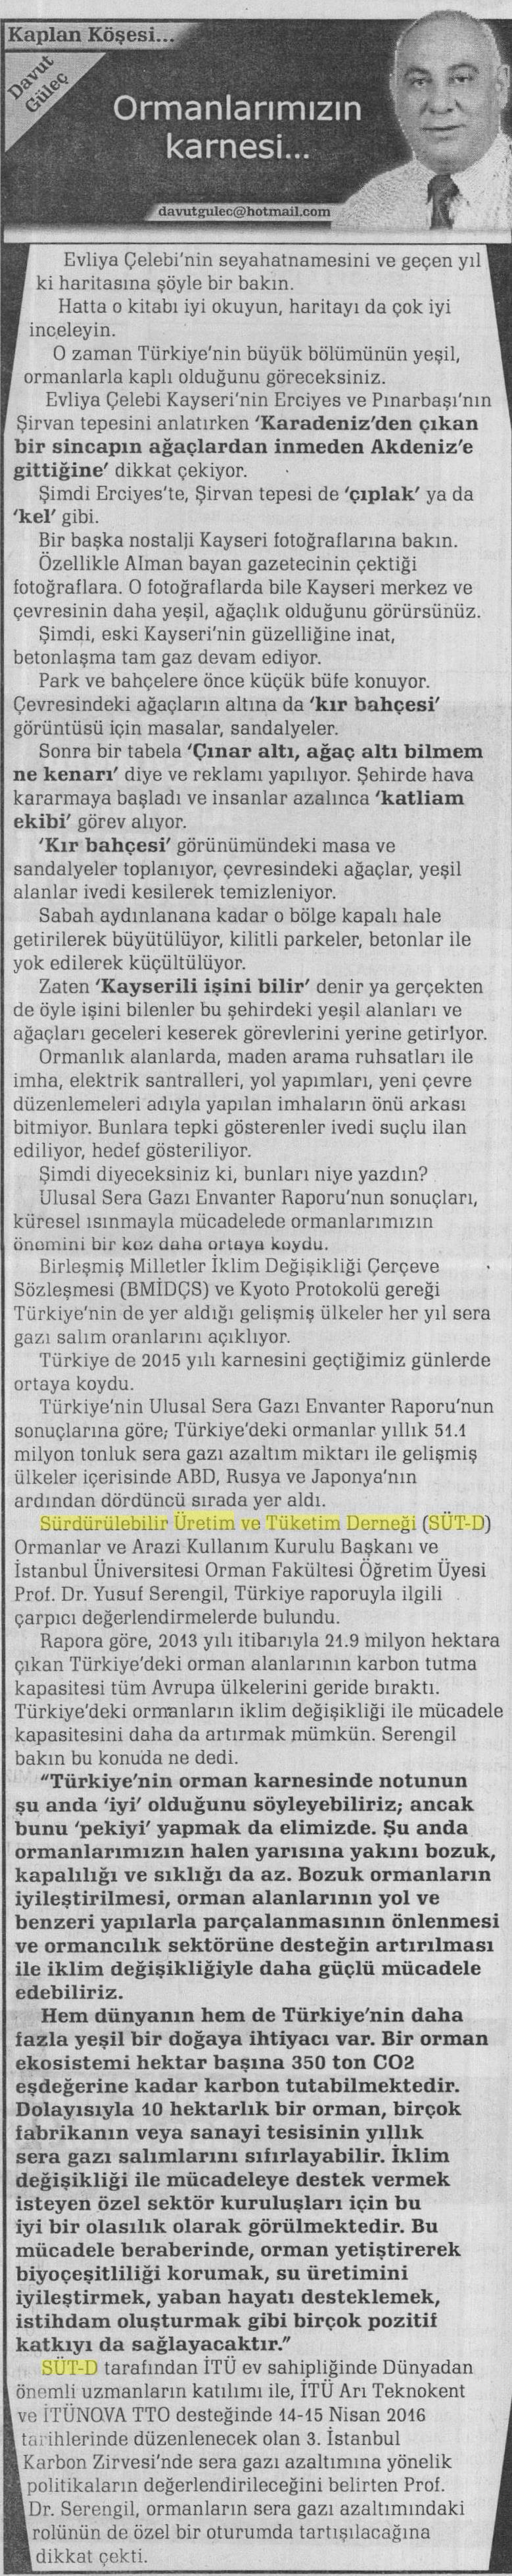 Kayseri Star Haber 21.03.2016